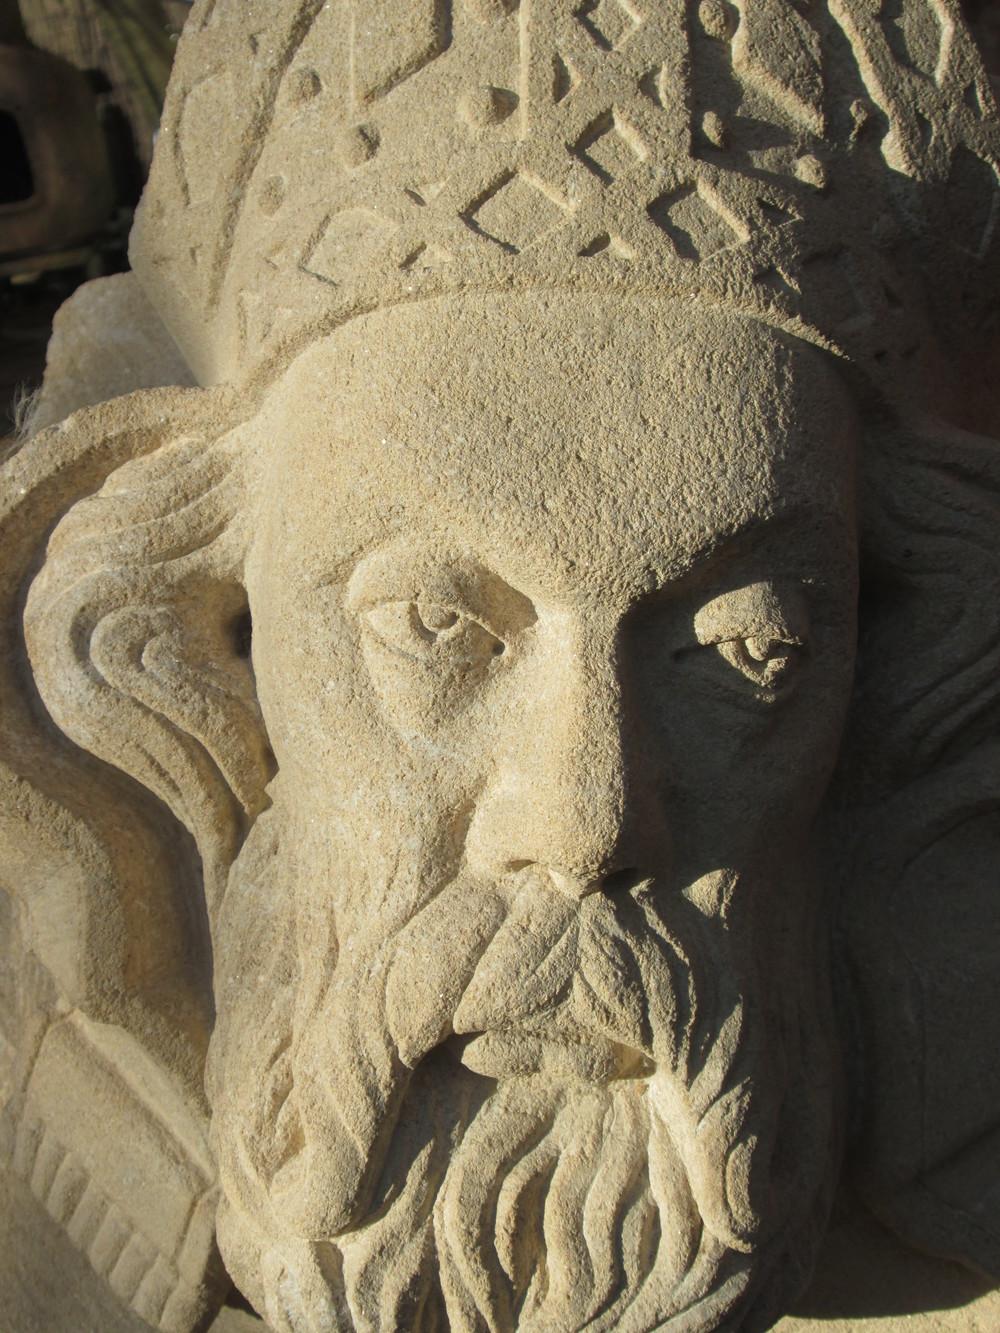 Archi, Bath Stone, 1993